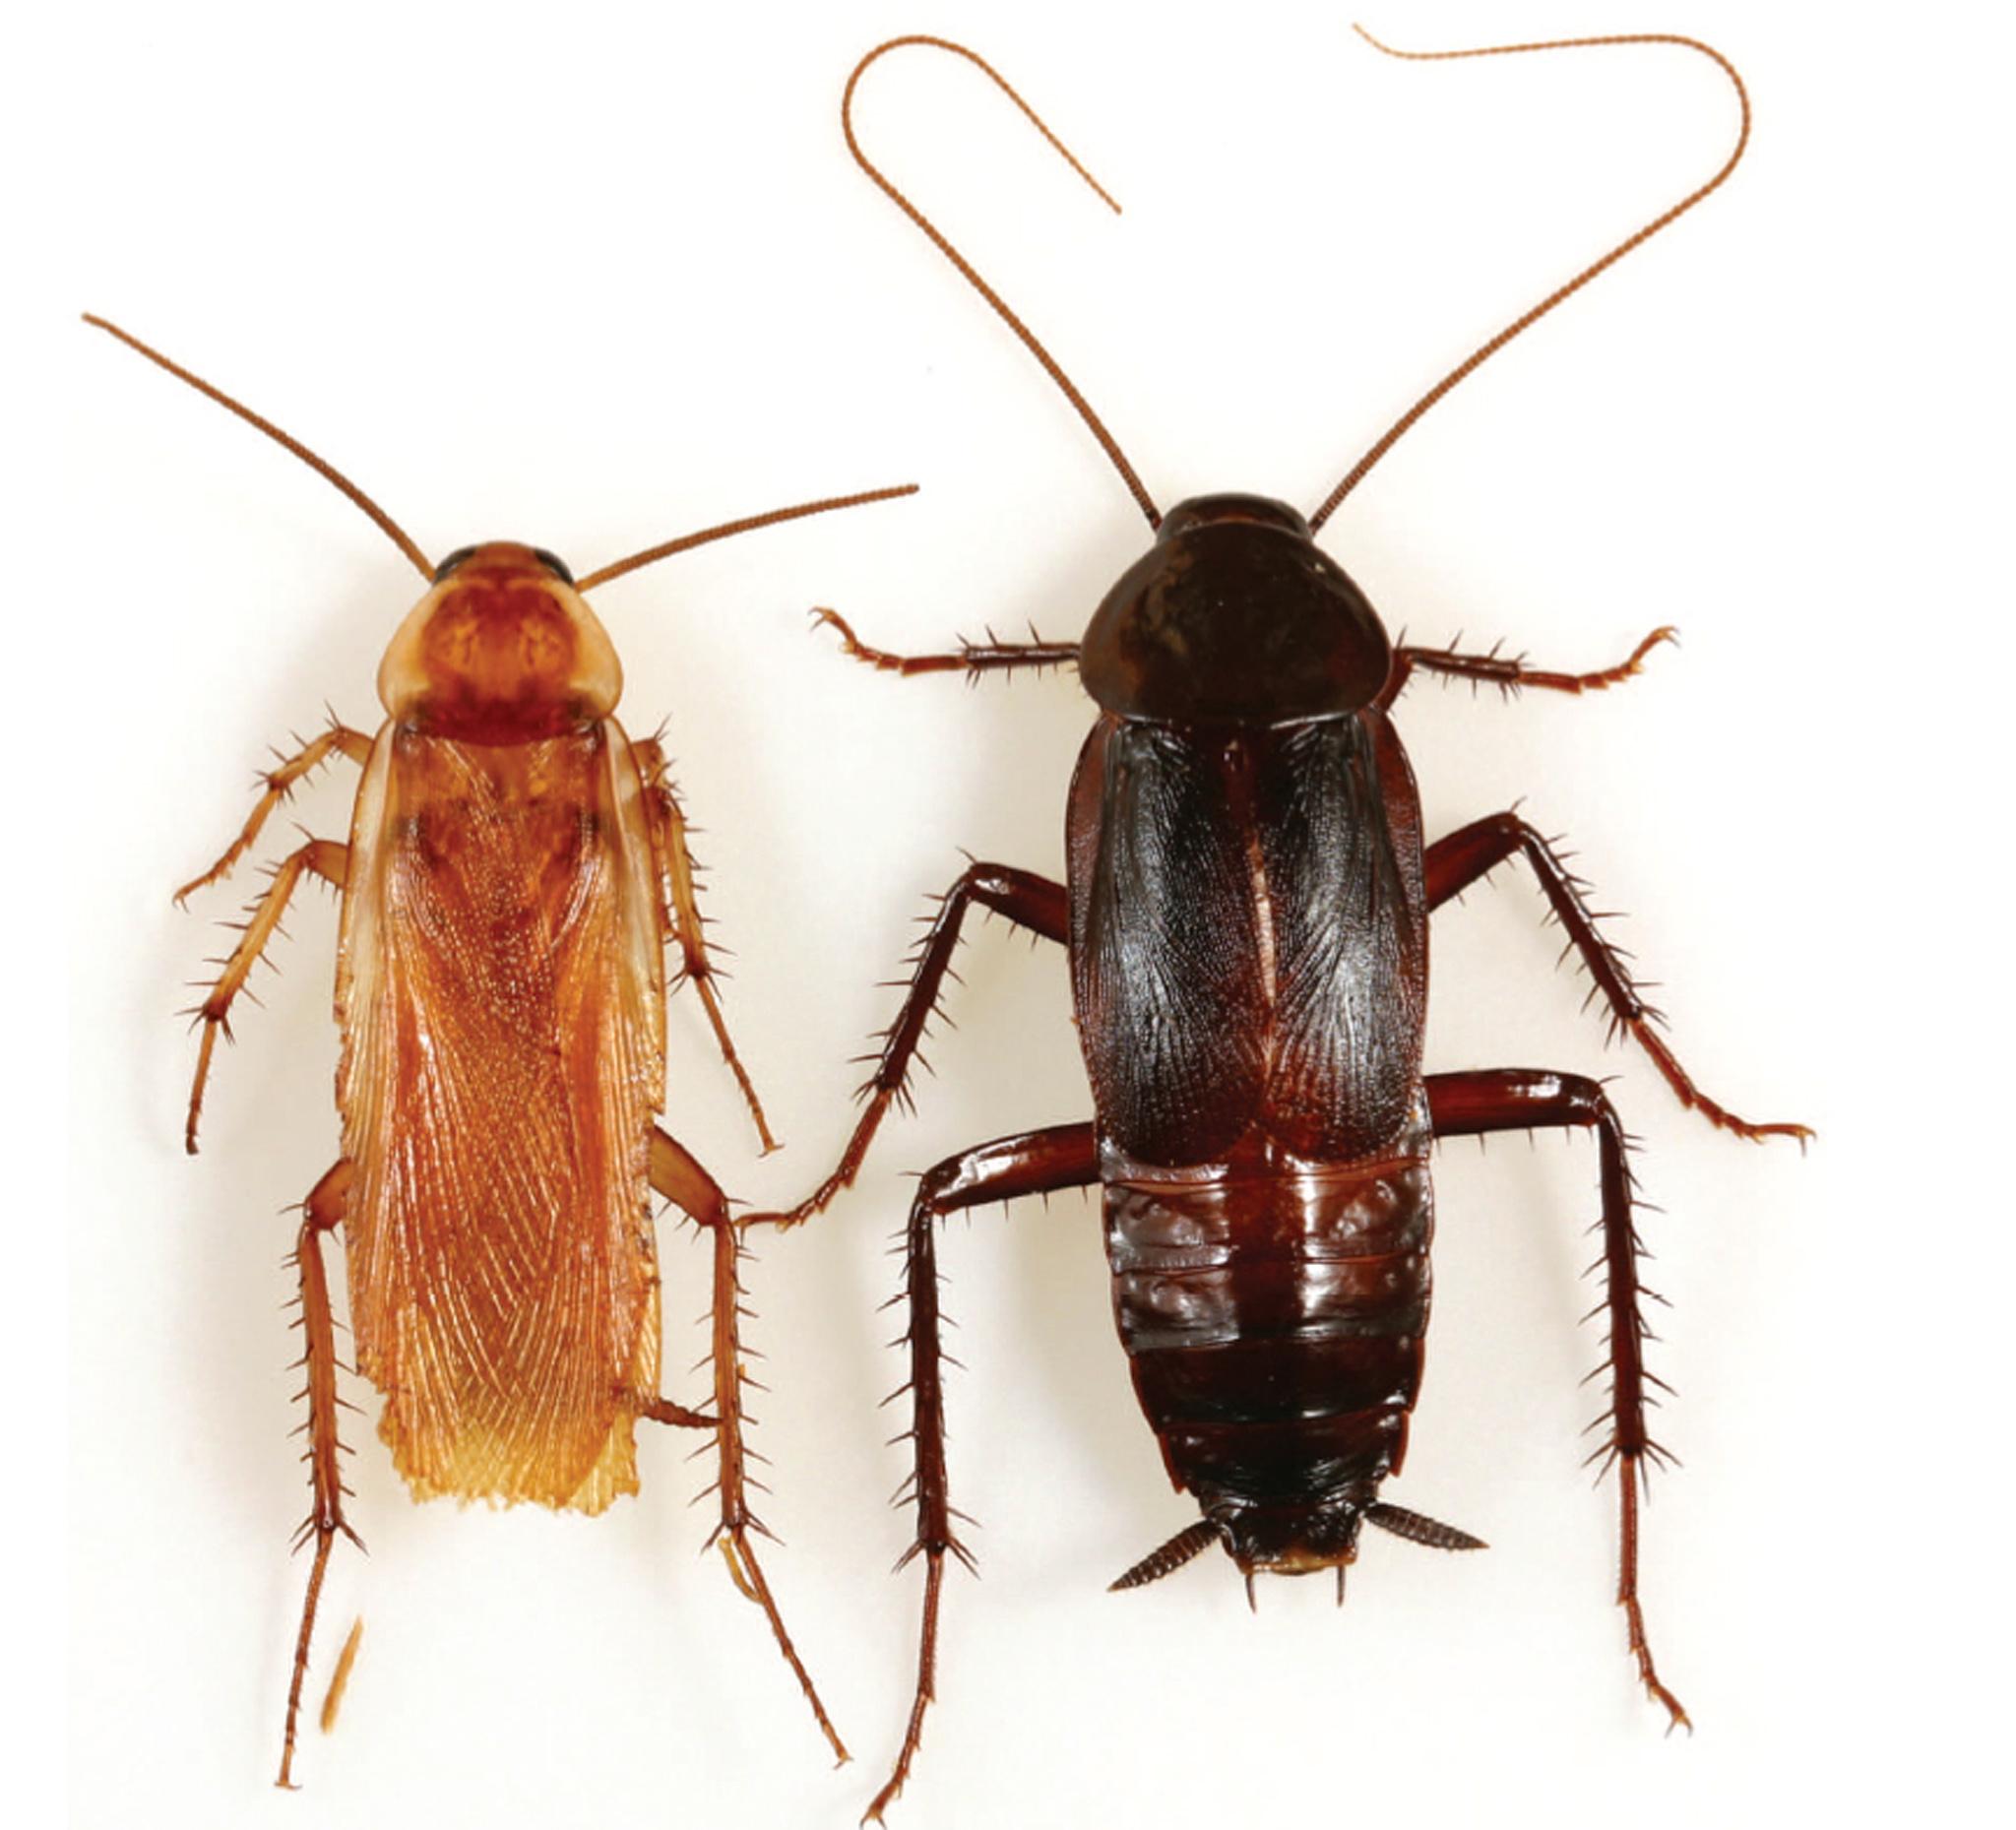 TURKESTAN Roach: Male (left), Female (right)